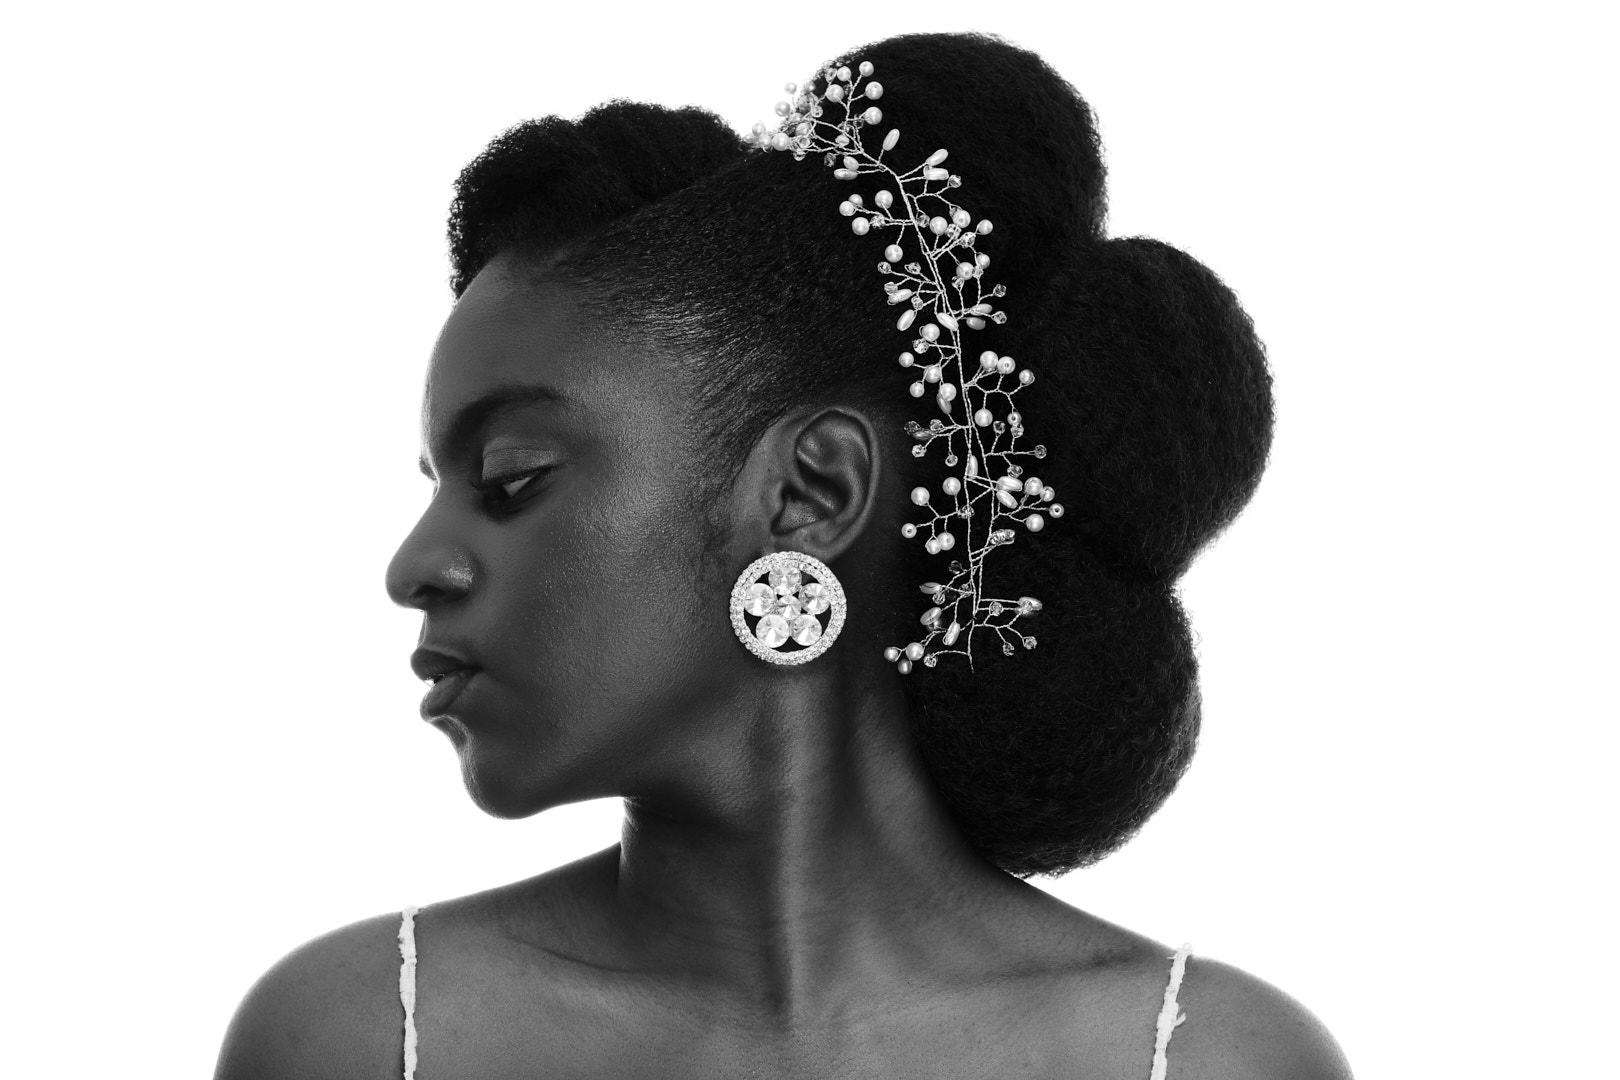 salon de coiffure afro tresse tresses box braids crochet braids vanilles tissages paris 75 77 78 91 92 93 94 95 TZKXJPTD